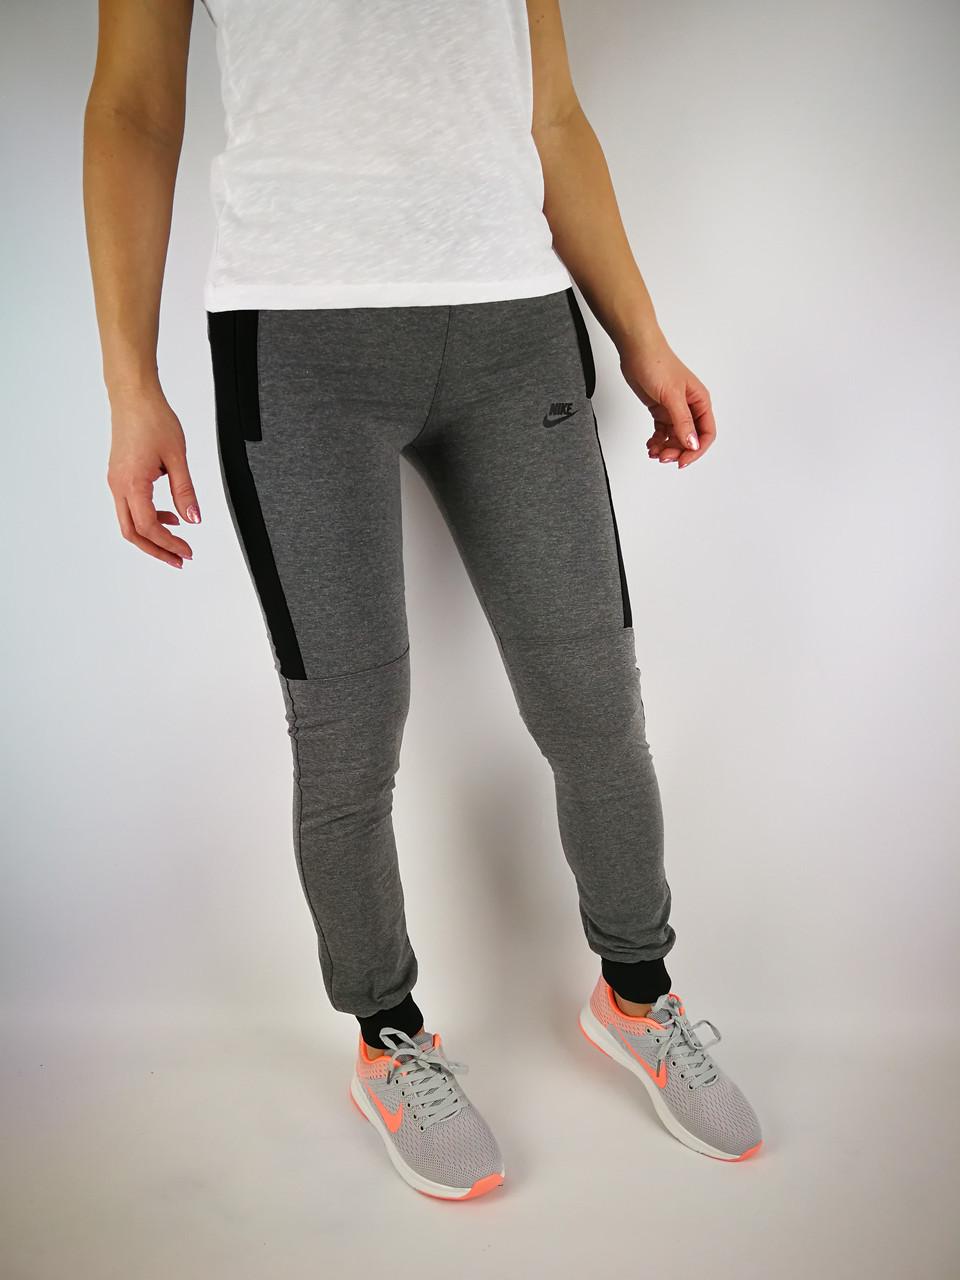 270806a8 Женские спортивные штаны Nike - купить по лучшей цене в Полтаве от ...